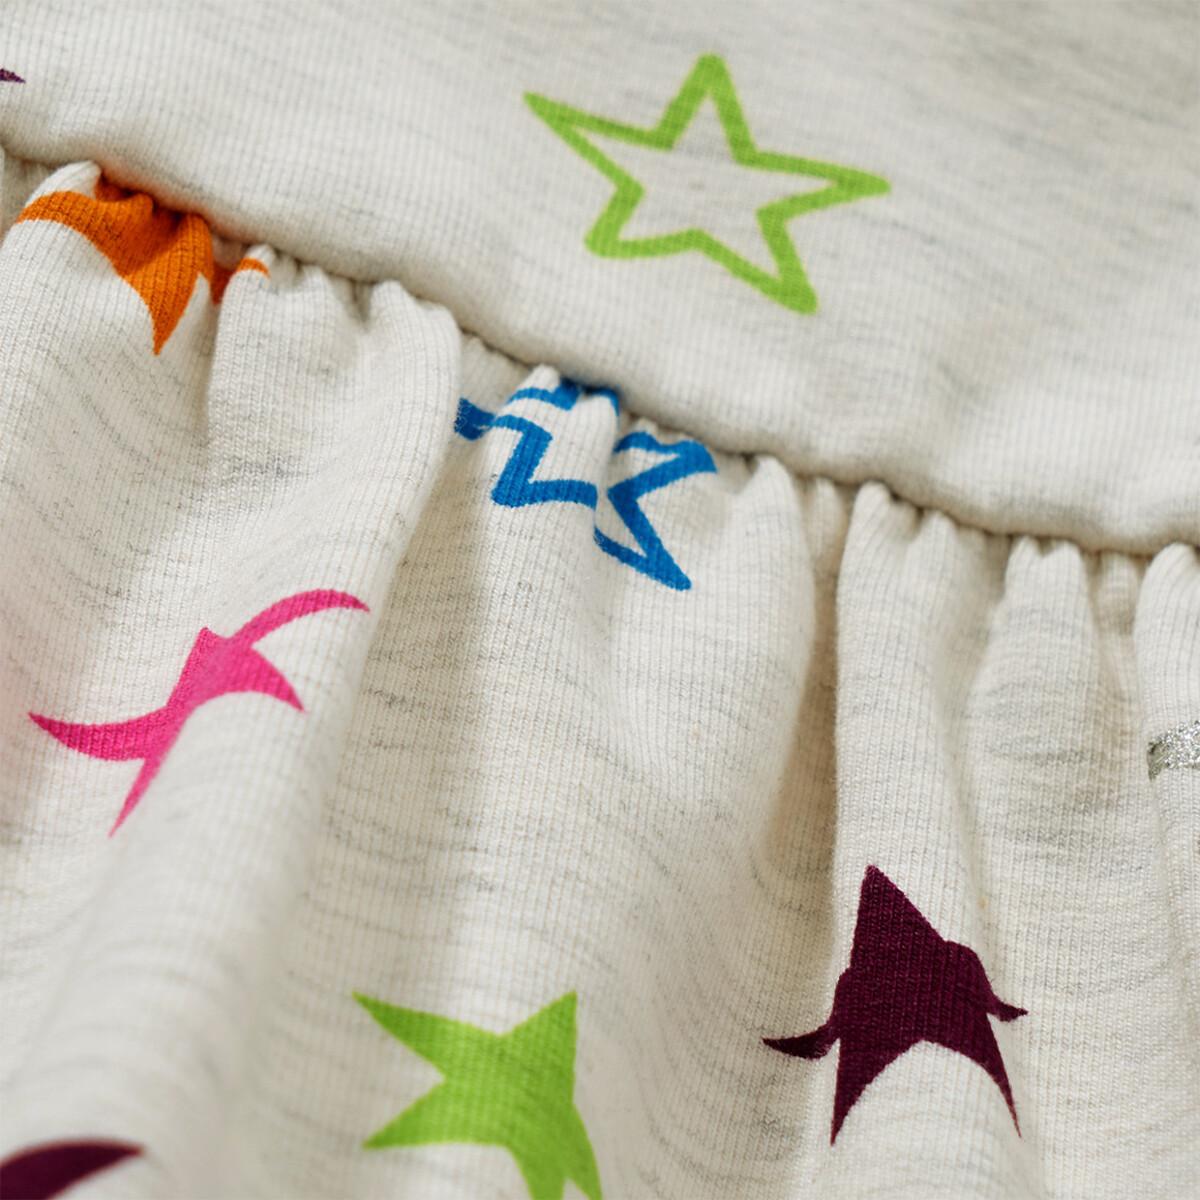 Bild 5 von Baby Sweatkleid mit bunten Sternen allover